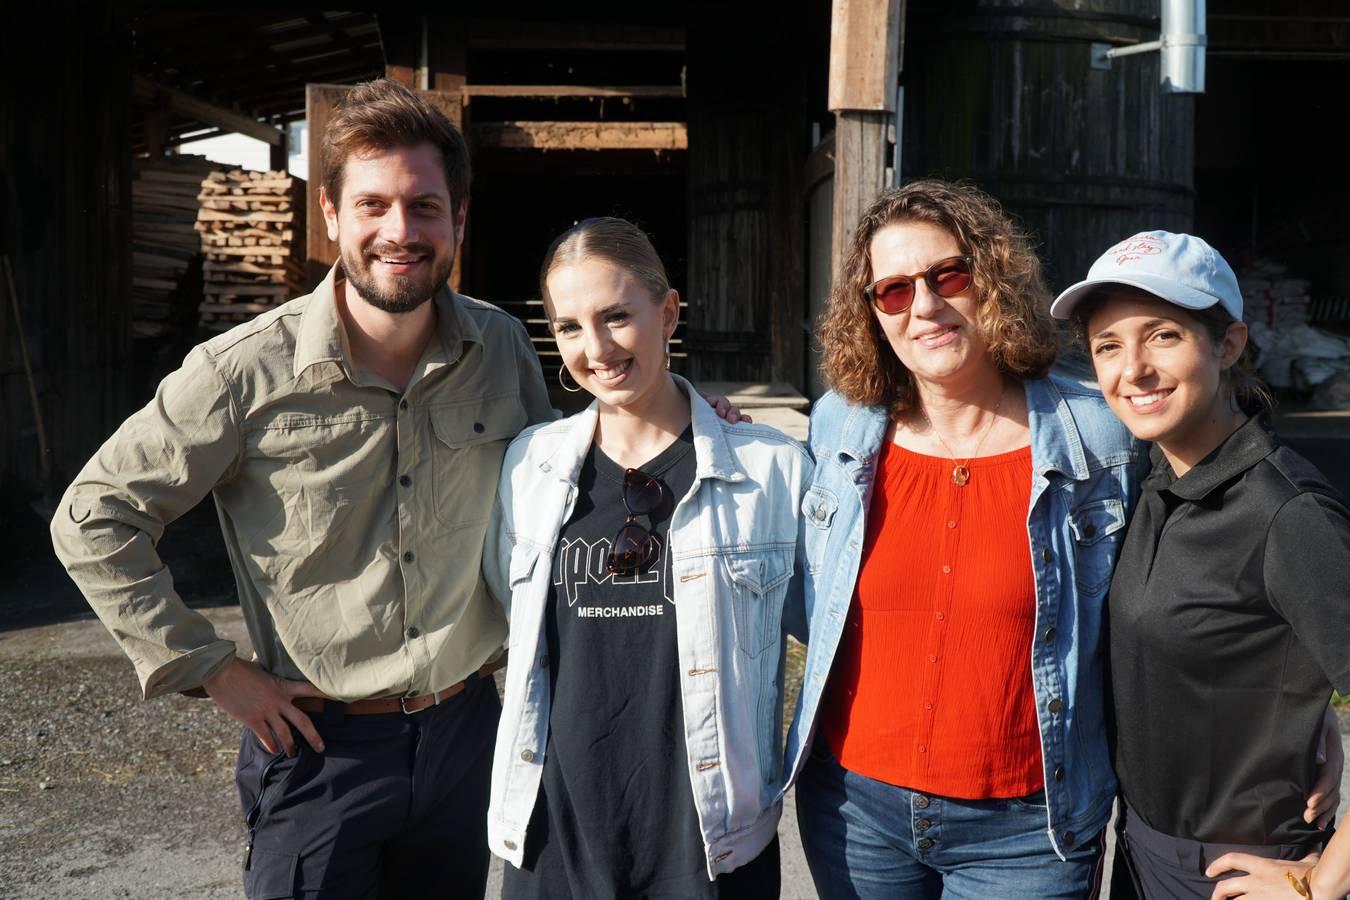 """""""Euch hat der Himmel geschickt"""", meint Céline, nachdem die Hörerinnen Lorena und Carin ihr neue Wanderschuhe mitgebracht haben. (© Radio 24)"""